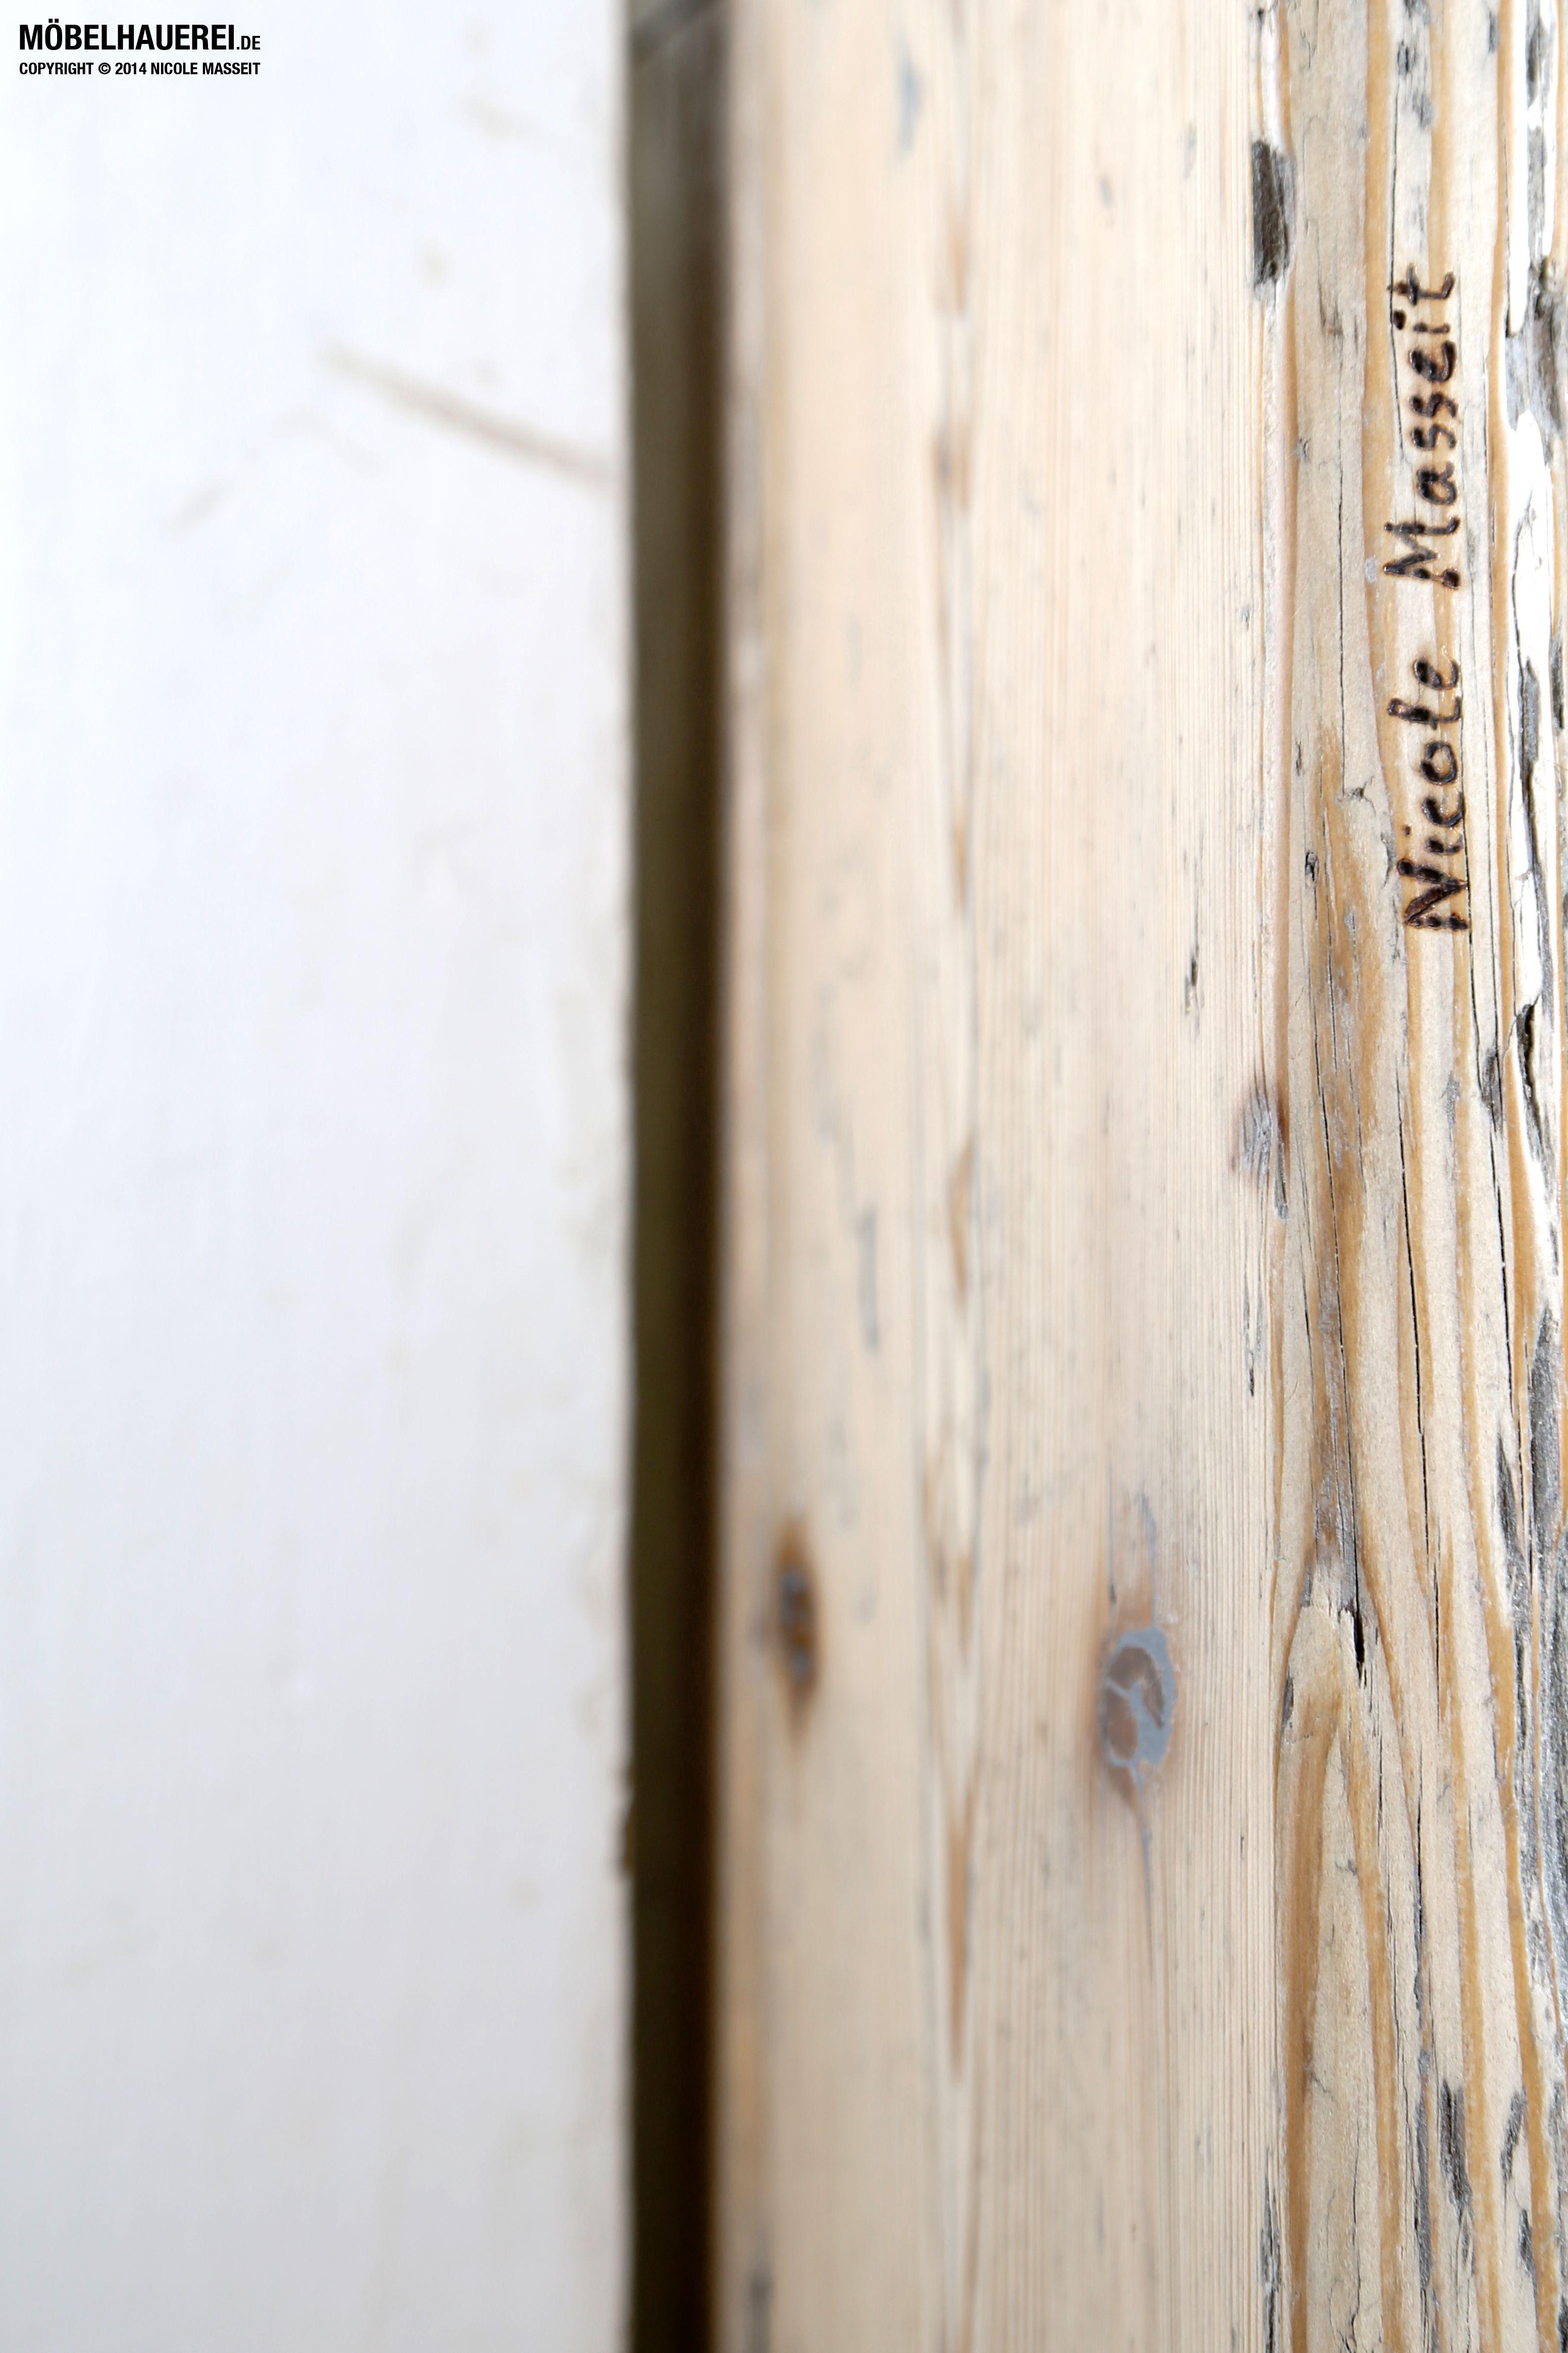 Kuchenarbeitsplatte Aus Gebrauchten Gerustbohlen 45mm Image Credit Pinterest Com Kuchenarbeitsplatte 2960 X 600 X 39 M In 2020 Gerustbohlen Natursteine Arbeitsplatte